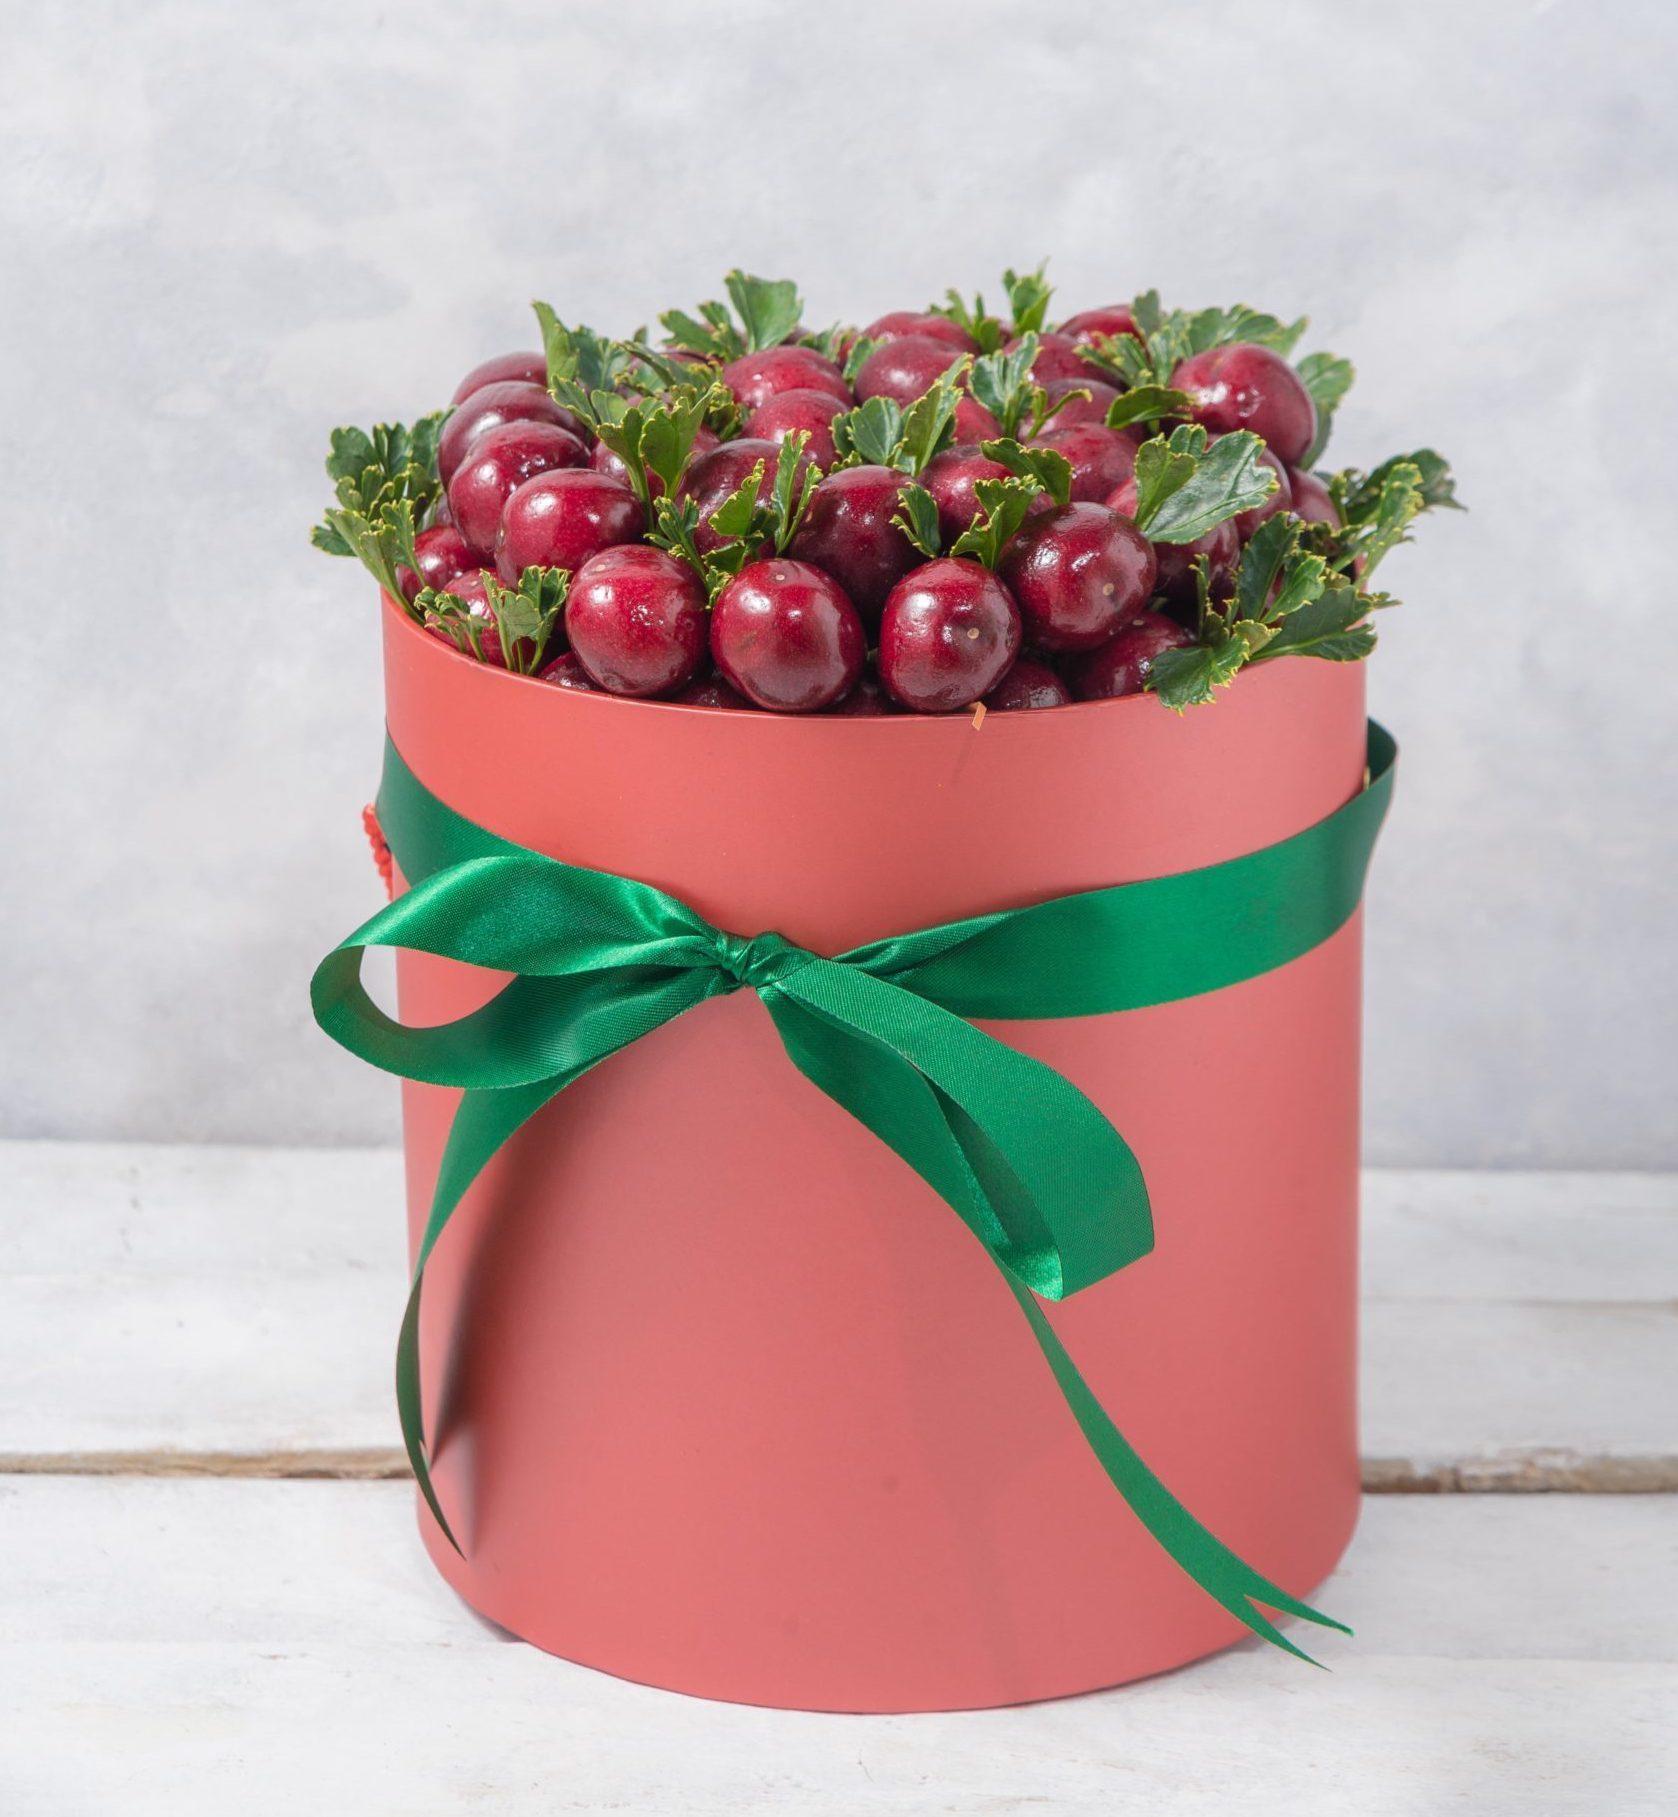 Tết biếu cherry cho sang xịn, thể nào người nhận cũng mê chữ ê kéo dài - Ảnh 3.